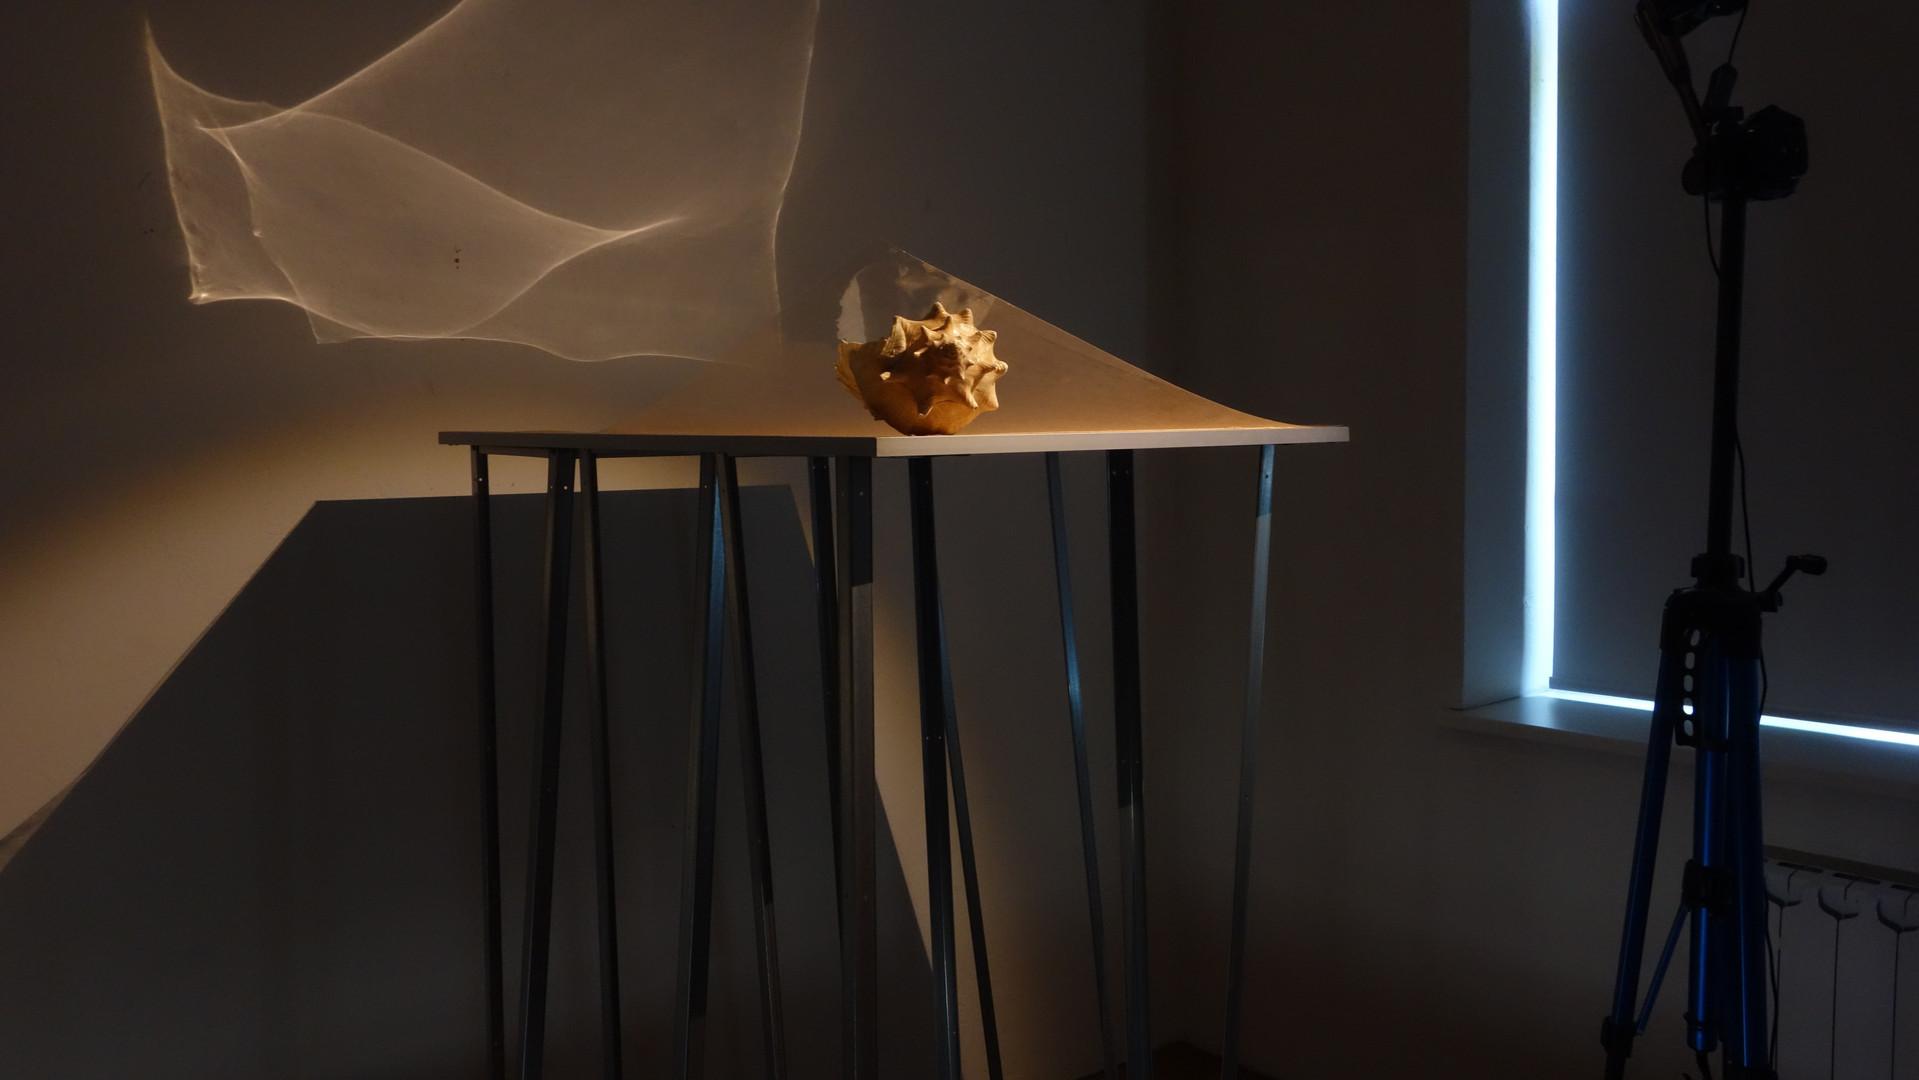 sculpture #1. fragment